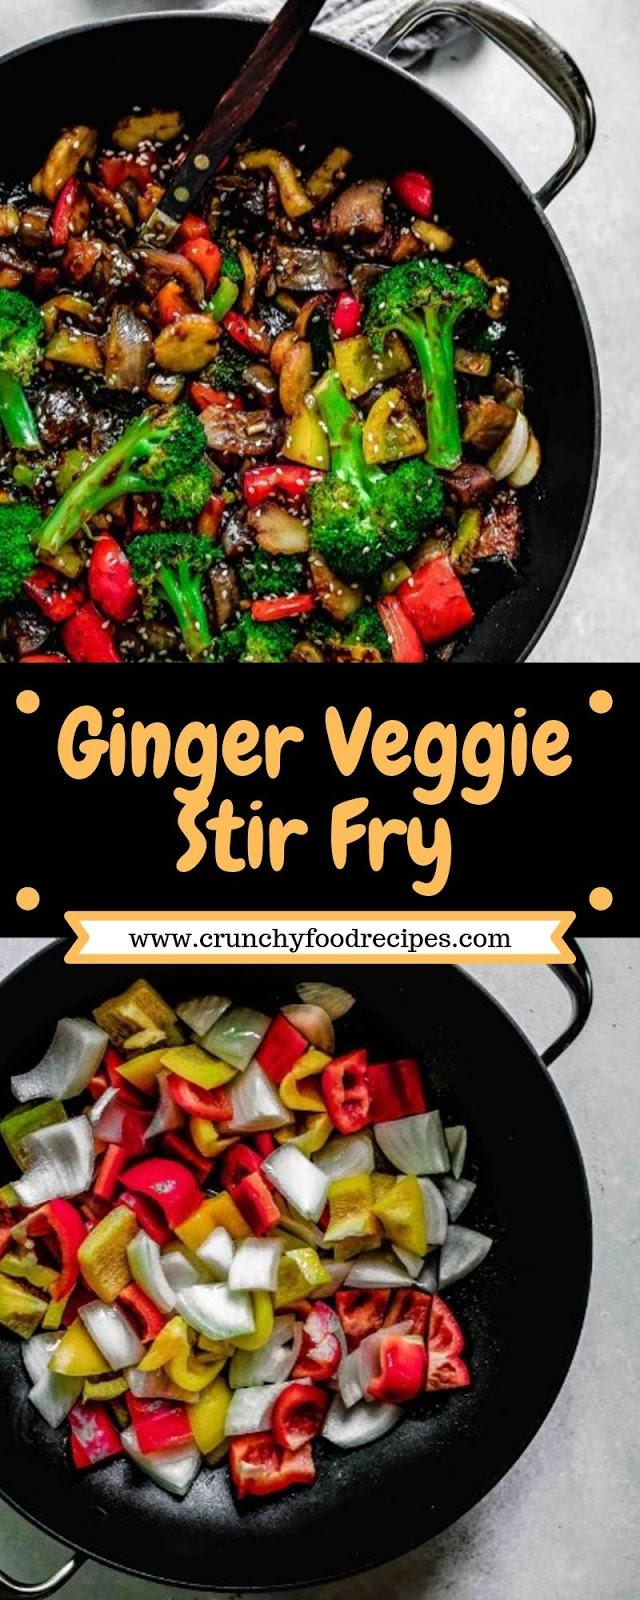 Ginger Veggie Stir Fry